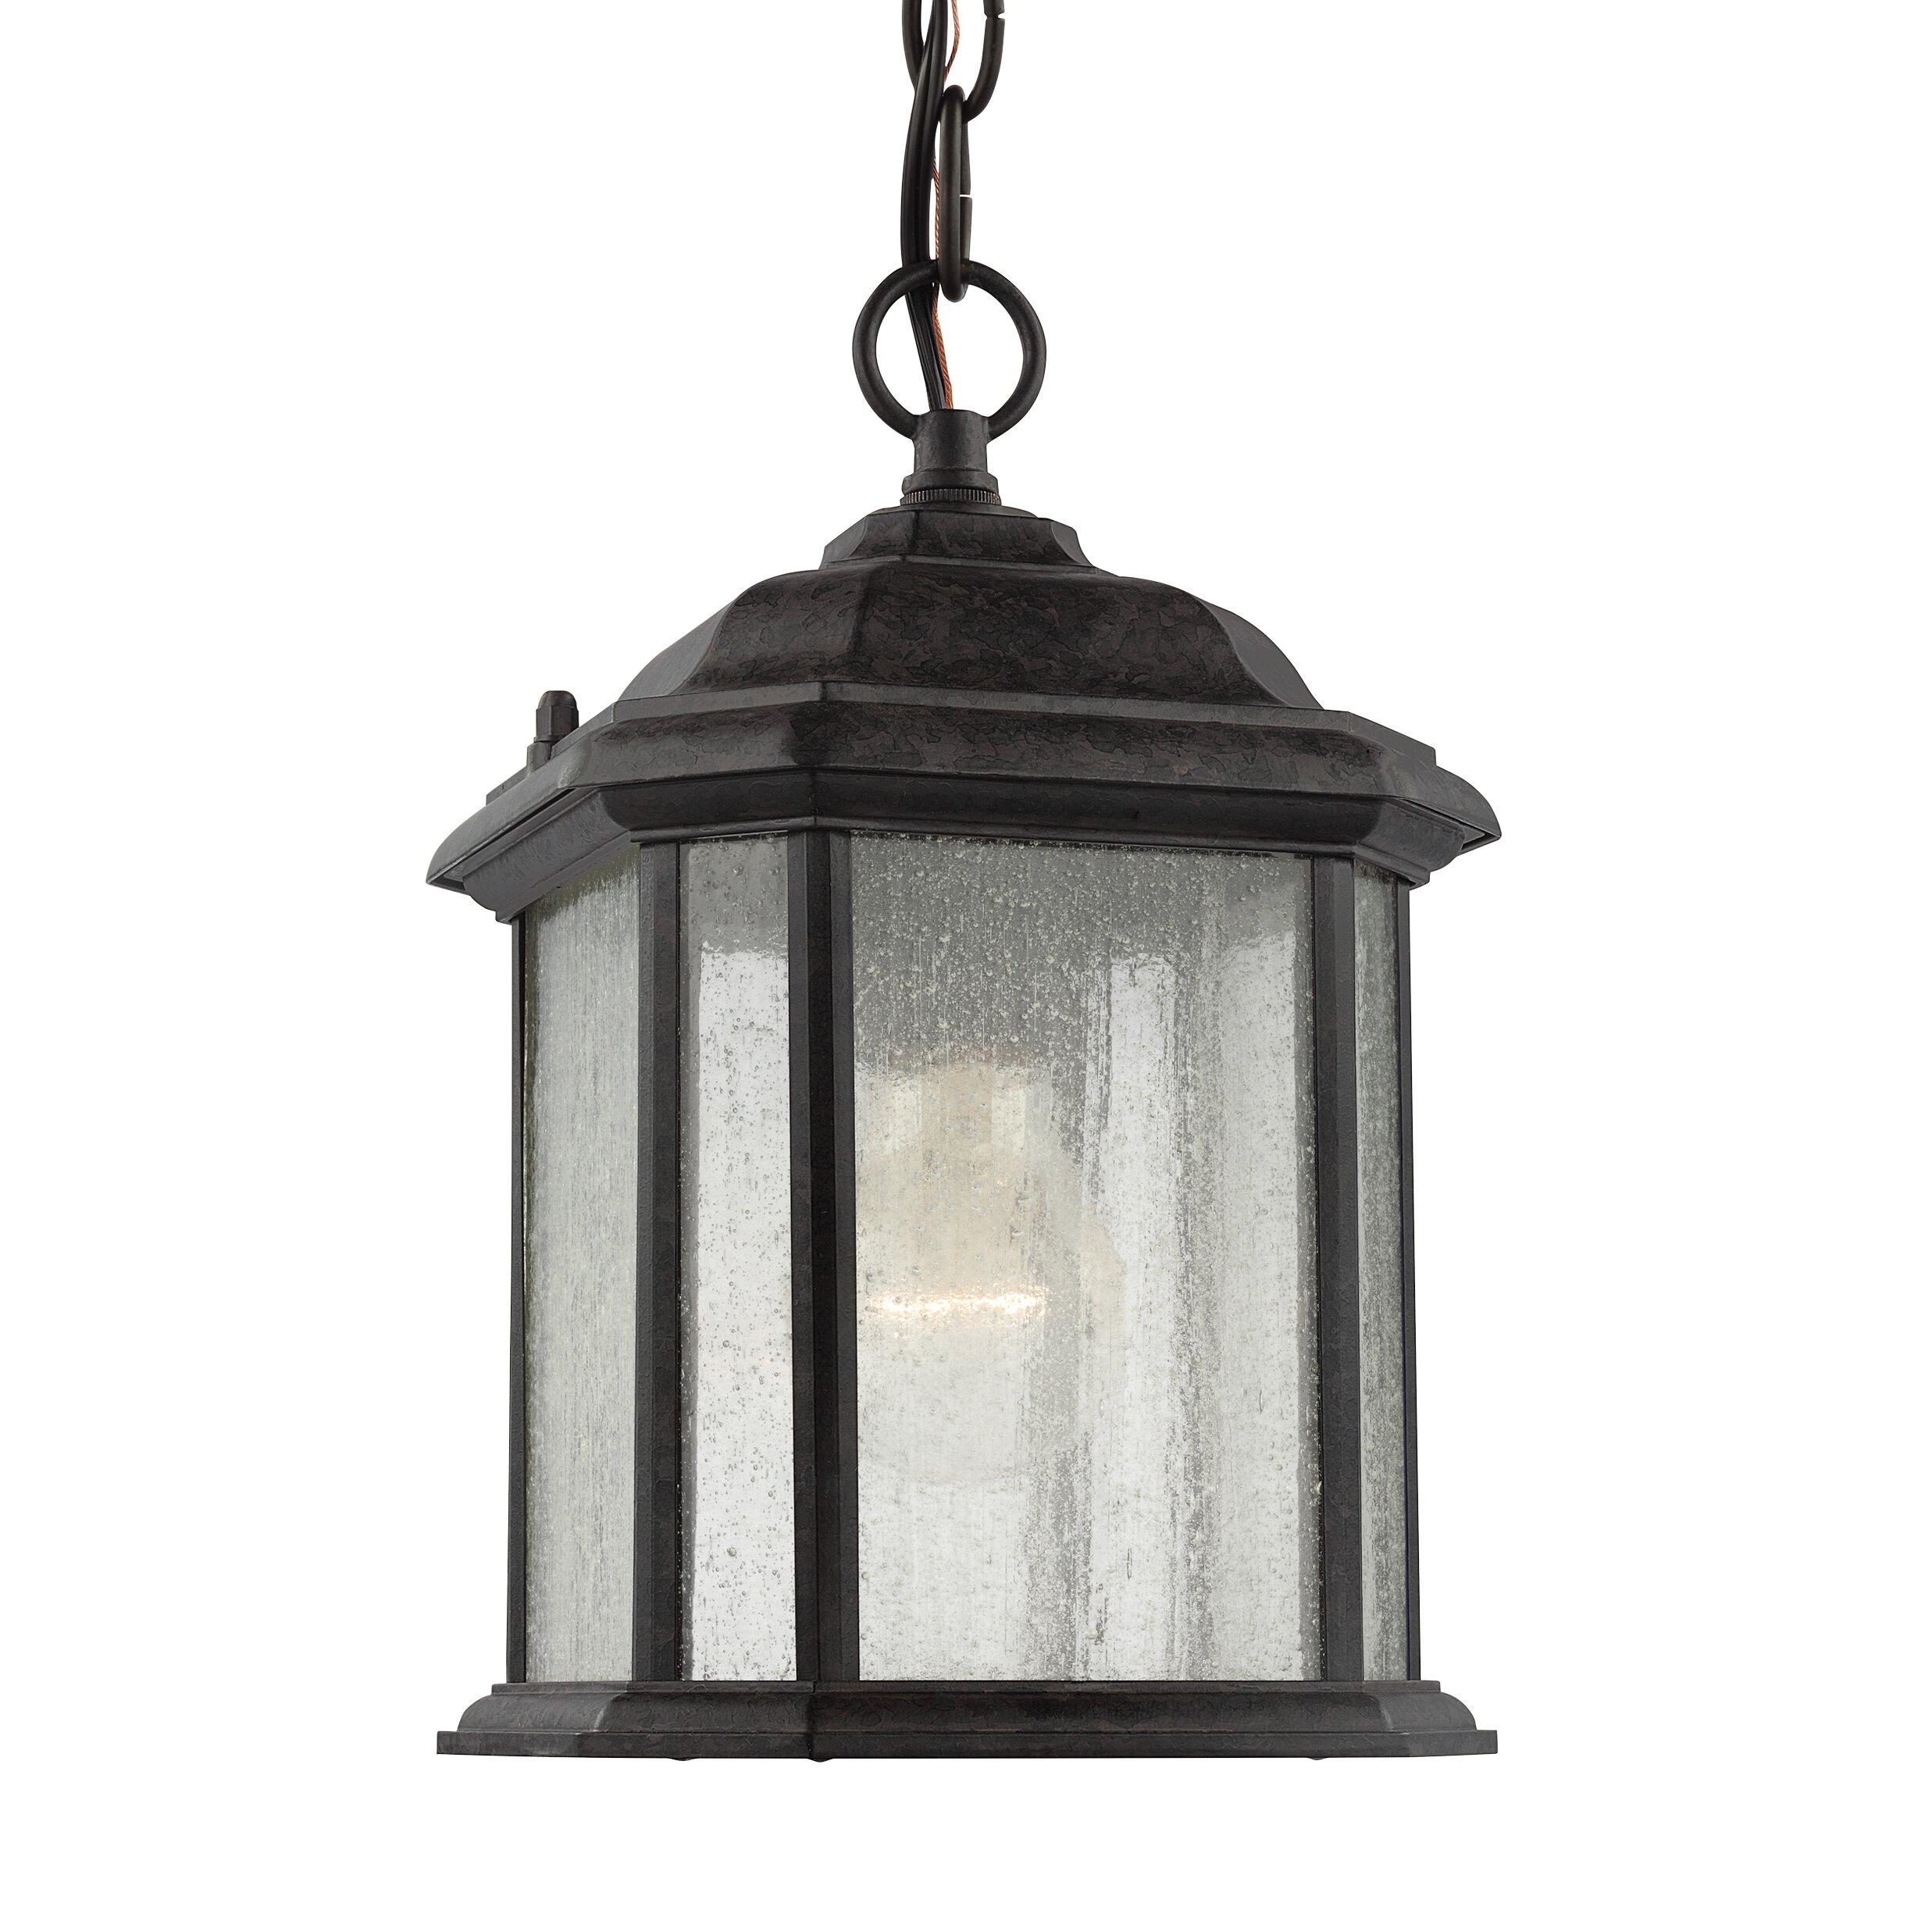 Sea Gull Lighting Kent 1 Light Outdoor Hanging Lantern